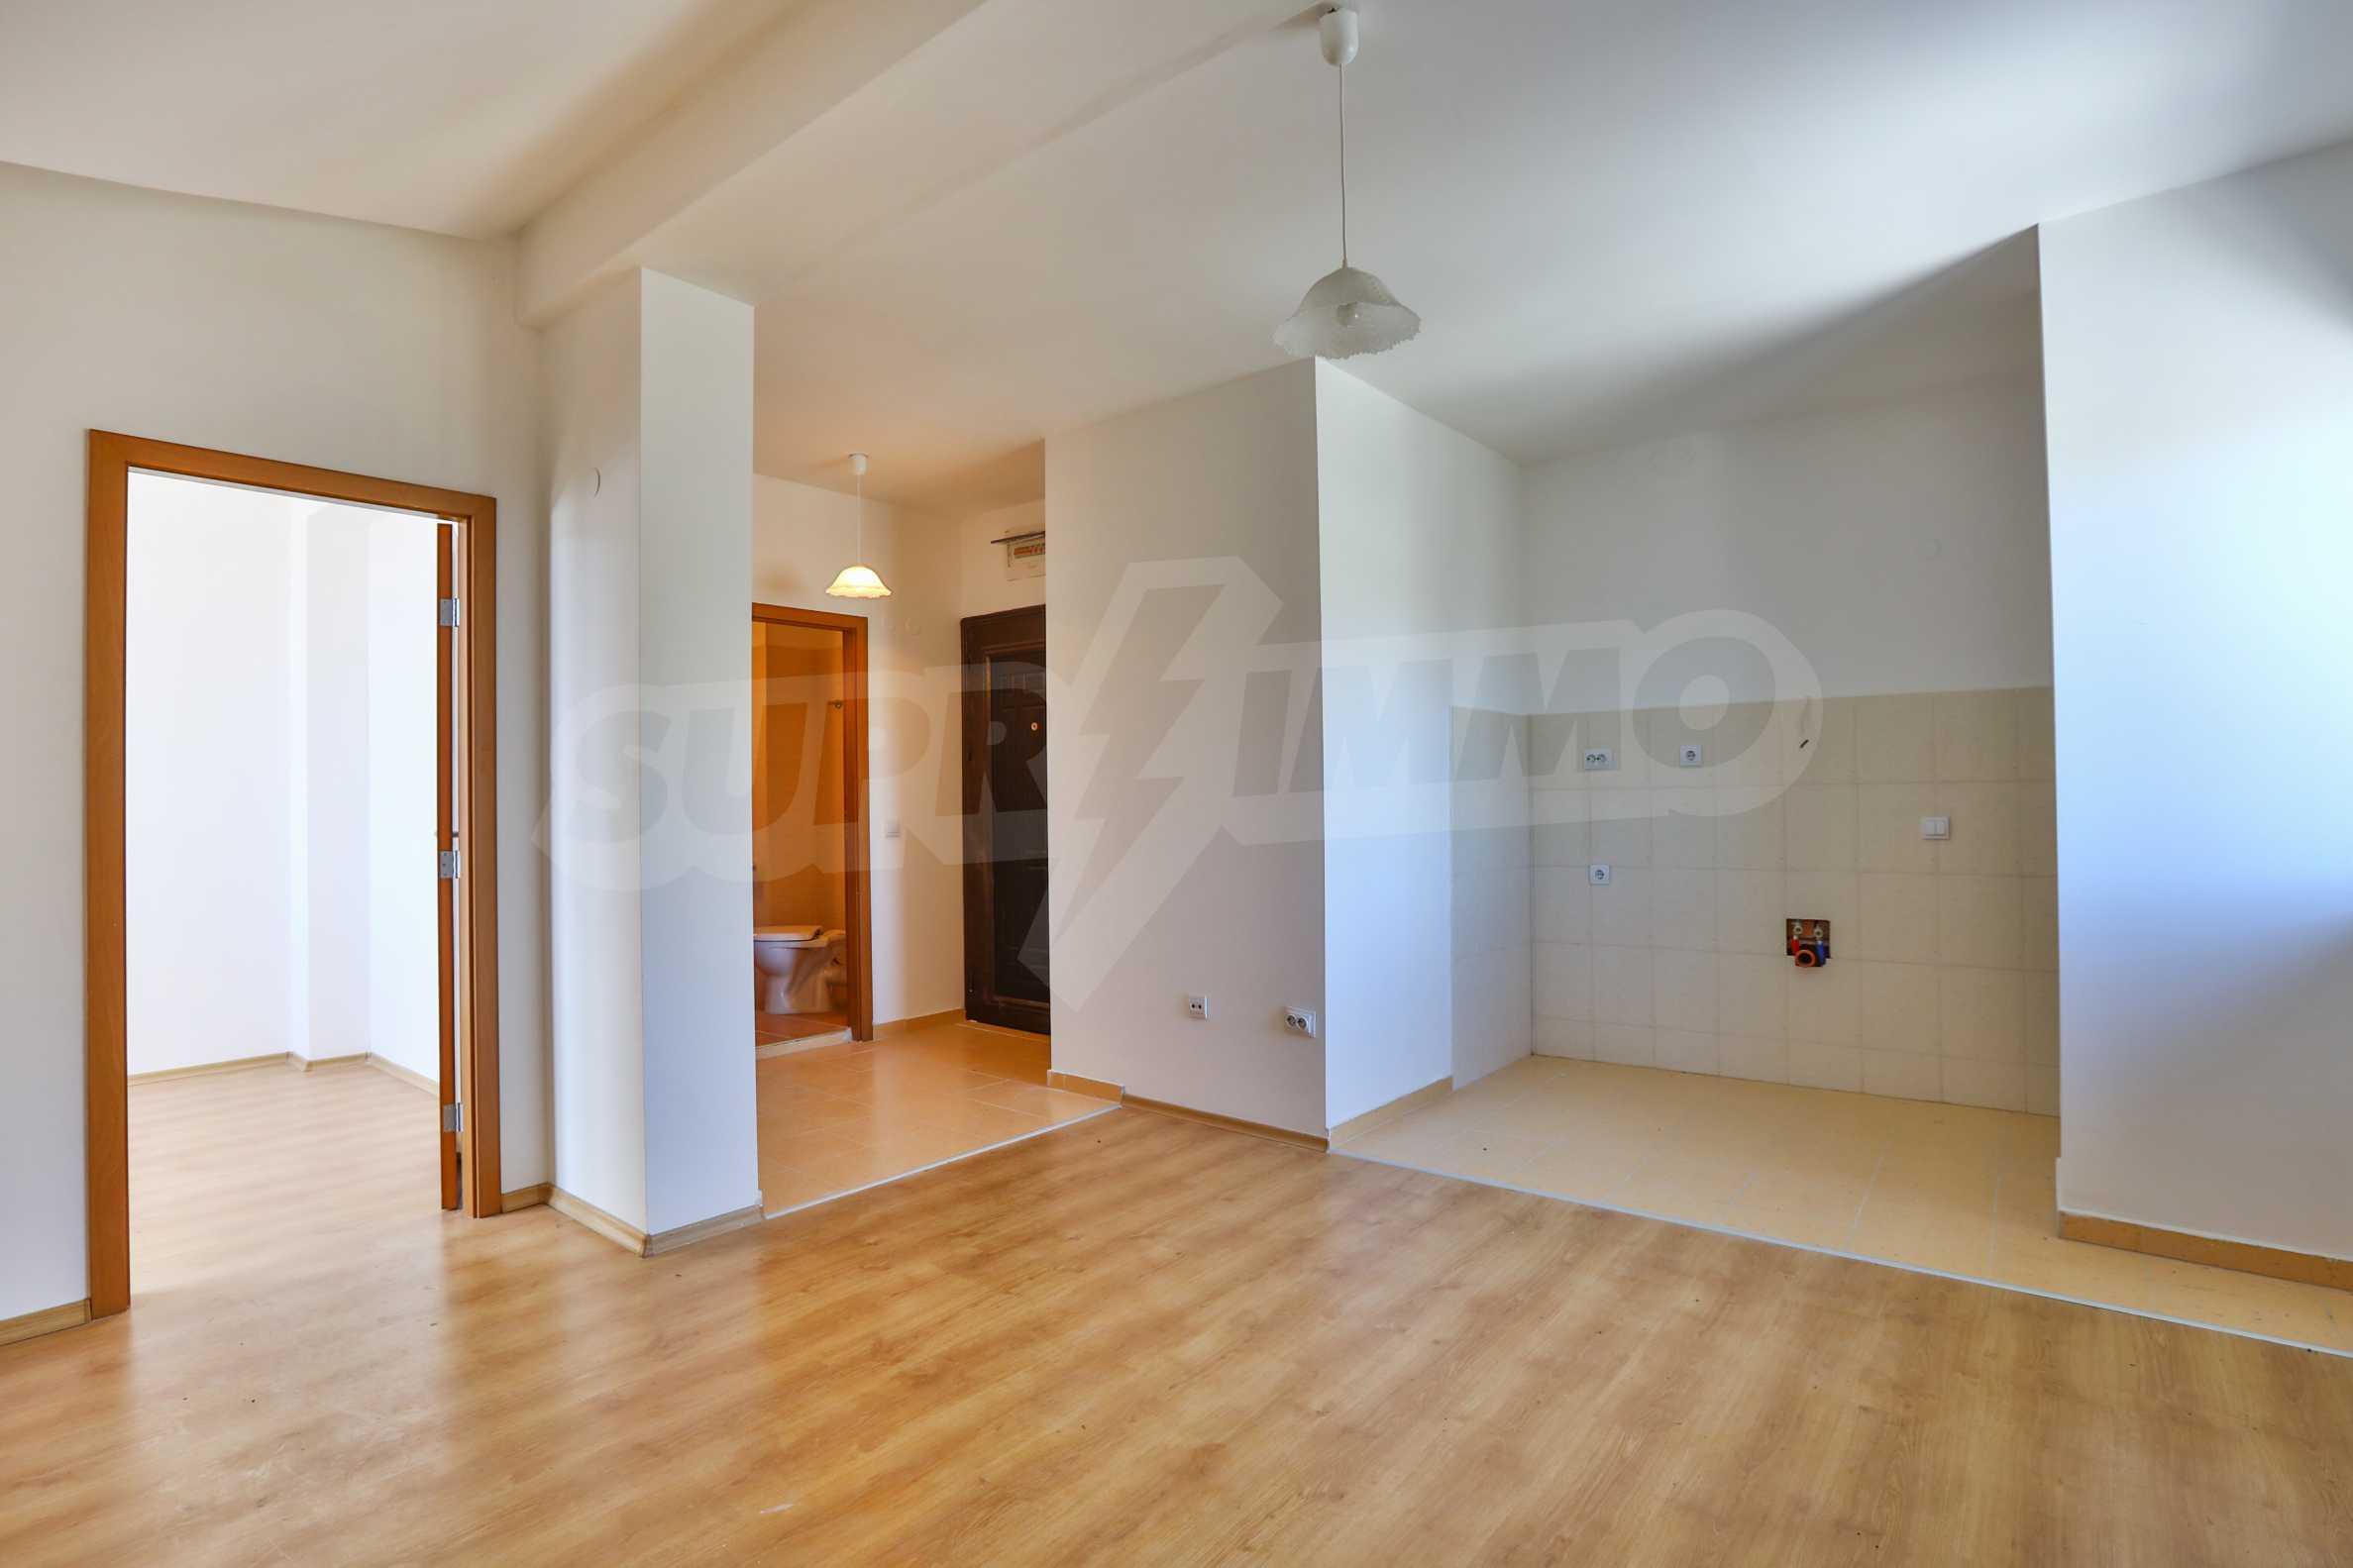 Erstklassige Wohnungen zum Verkauf Meter von der Yastrebets-Strecke in Borovets entfernt 5